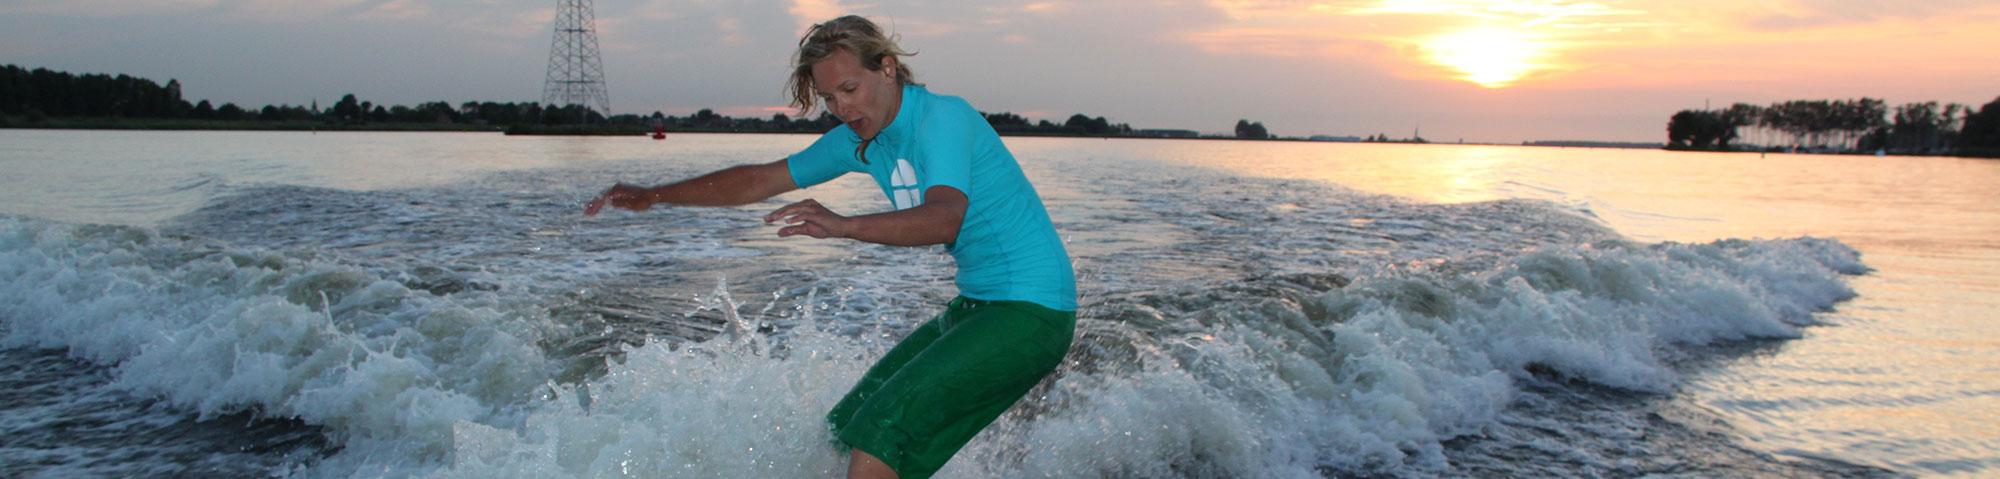 Wakesurfen | Eemhof Watersport & Beachclub